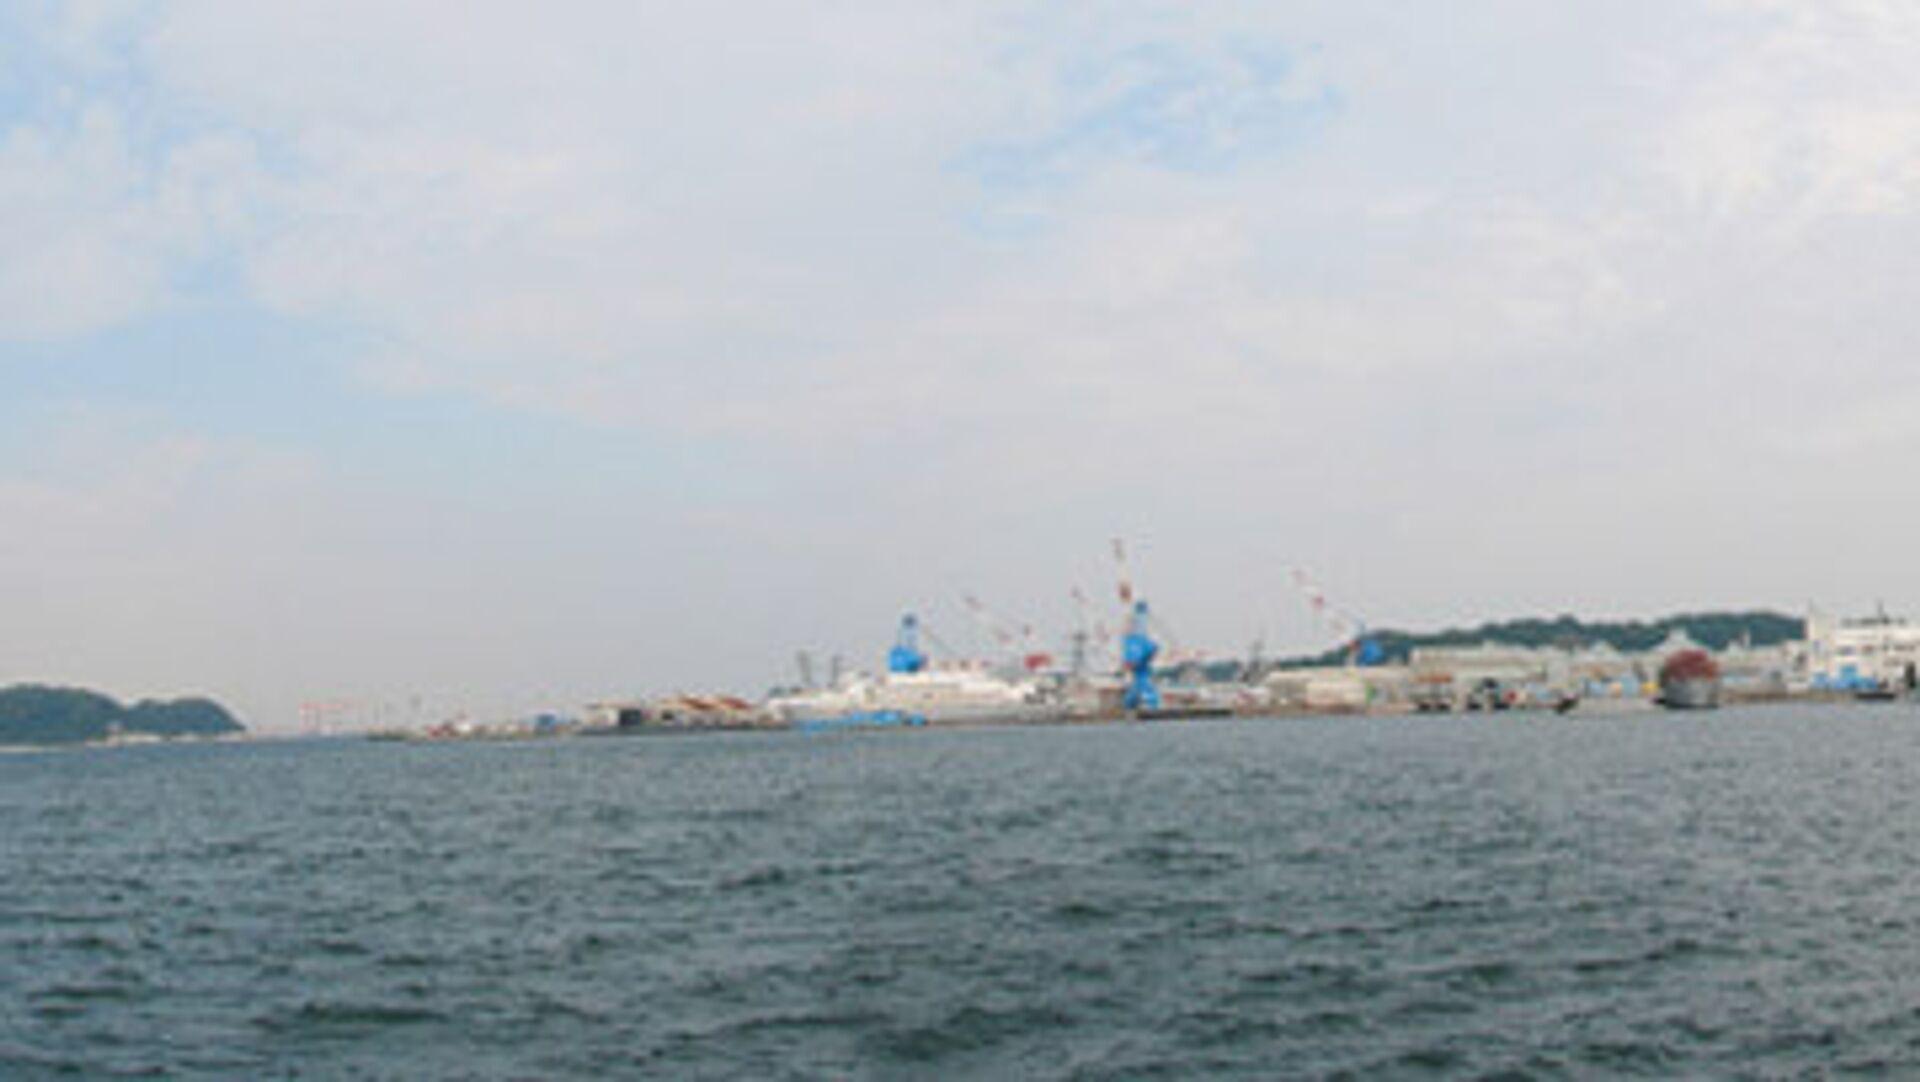 Морской порт Йокосука - РИА Новости, 1920, 08.11.2020